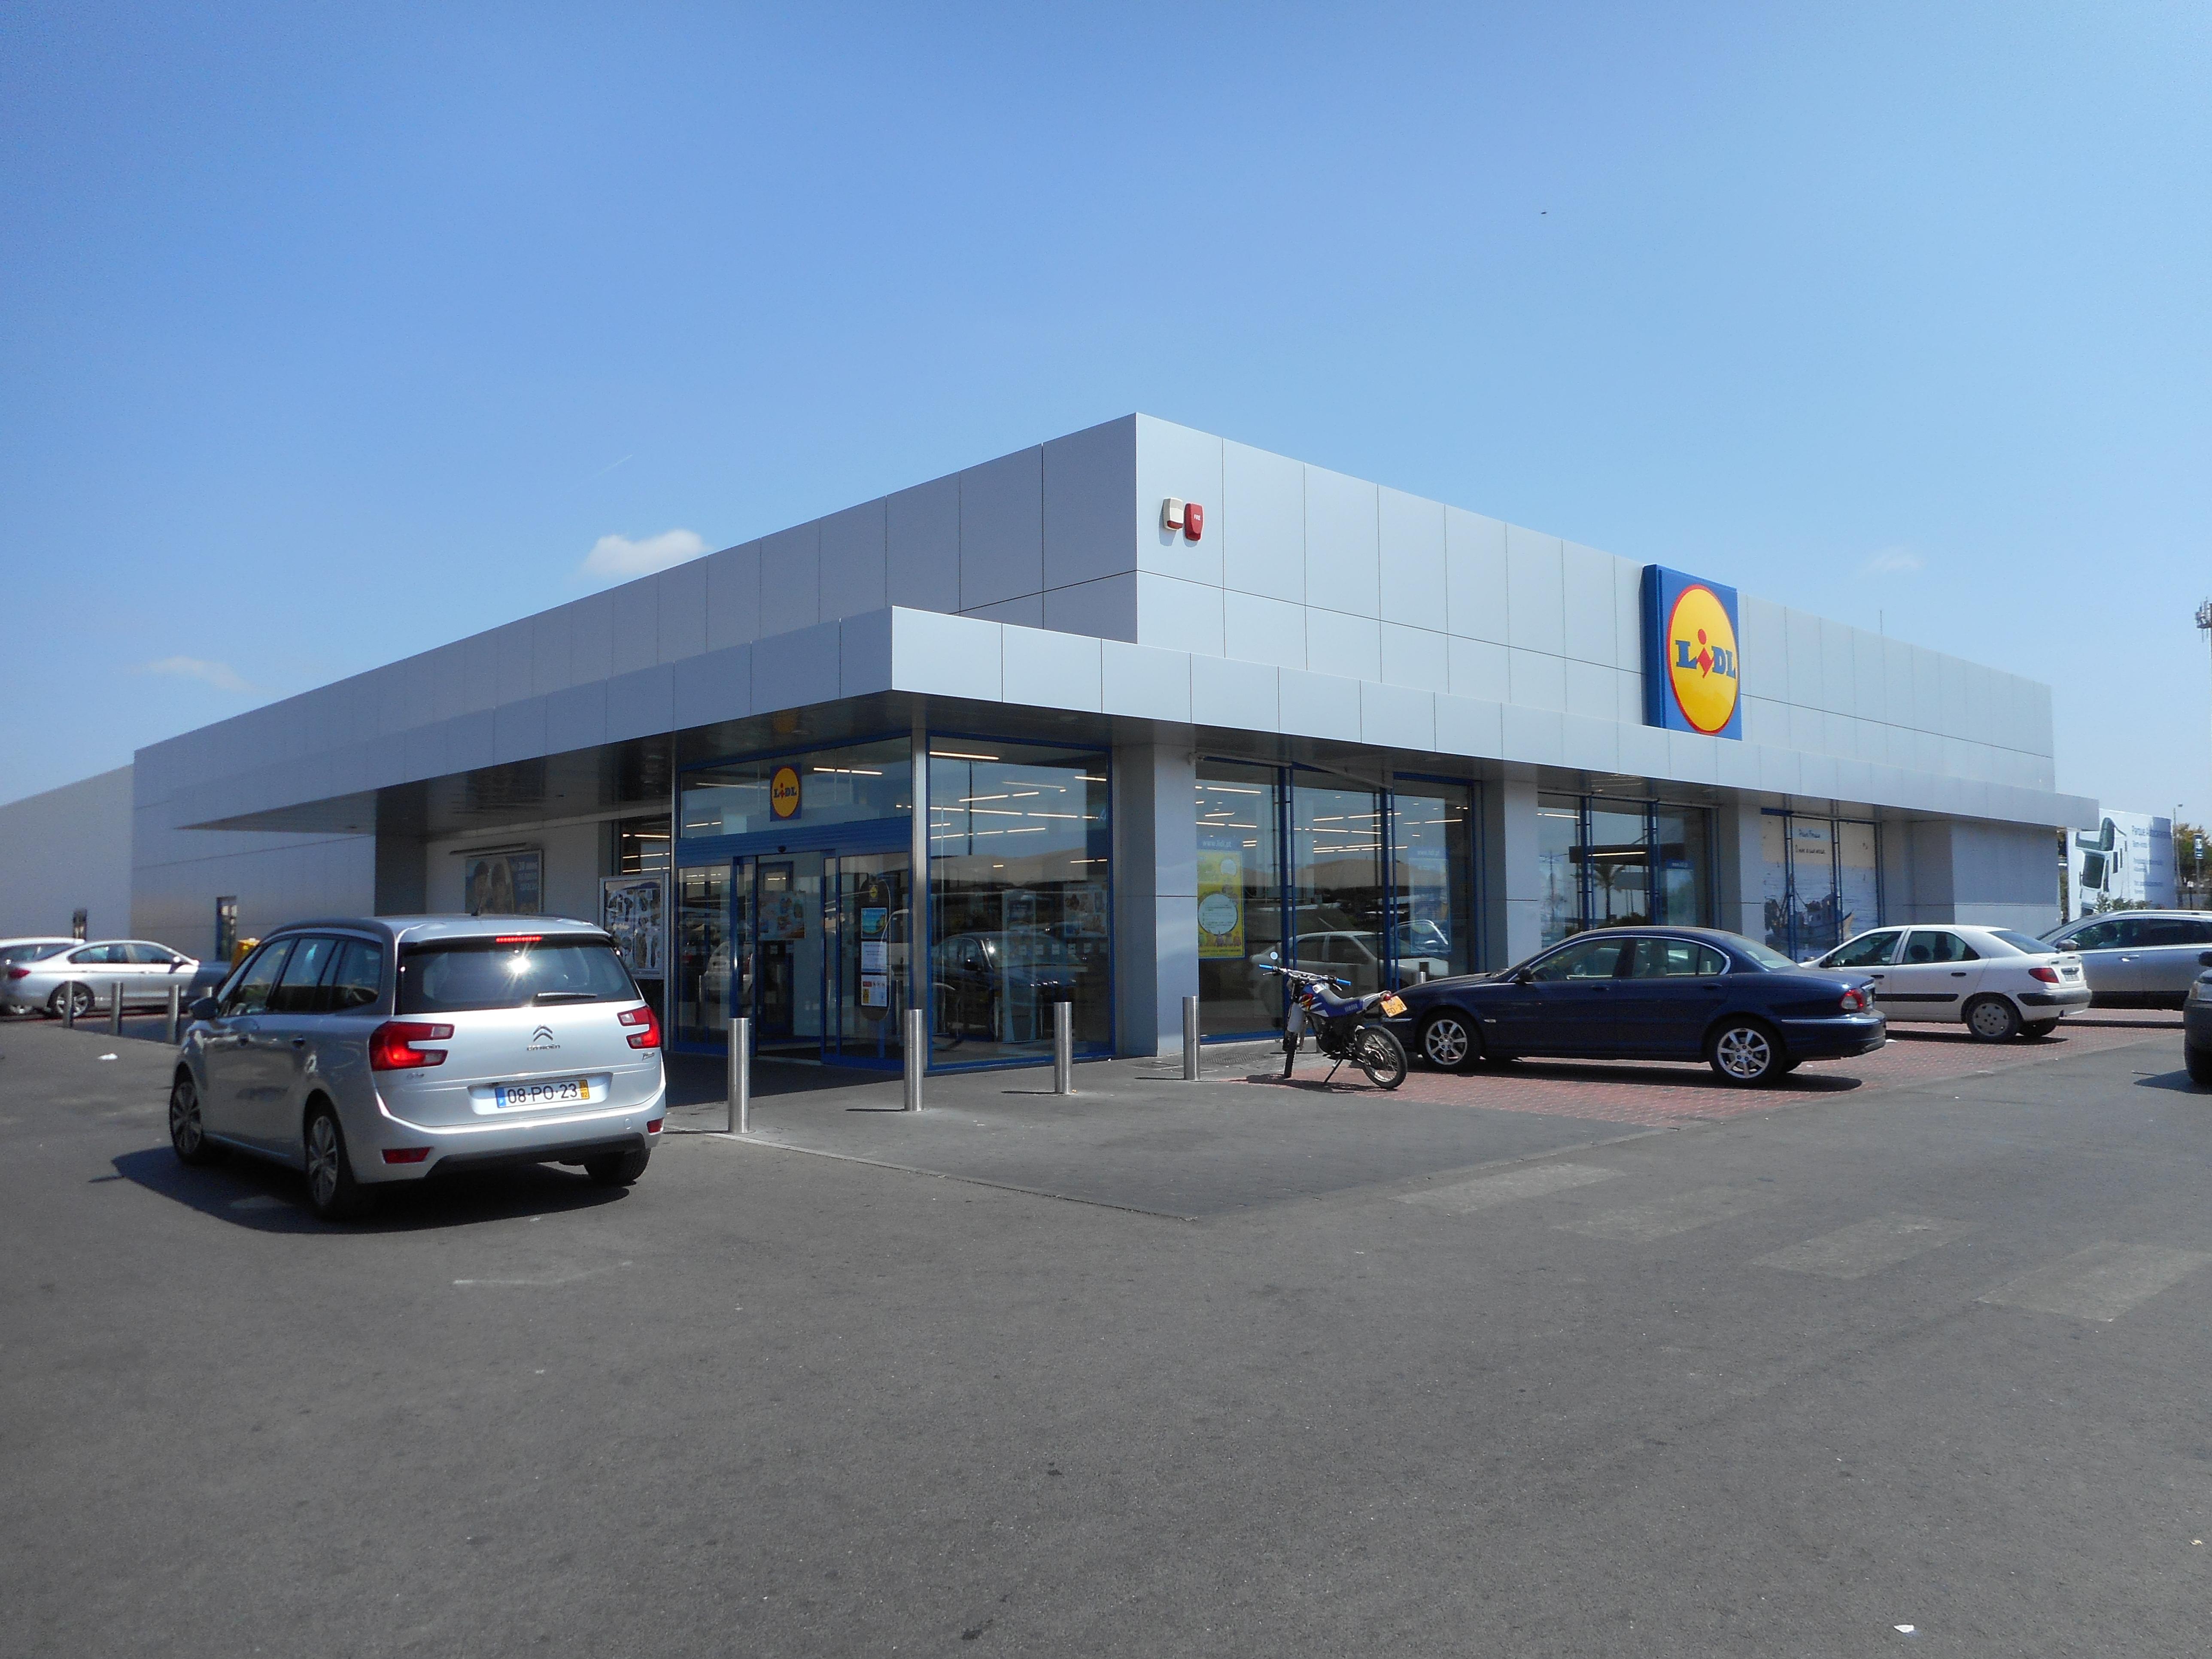 File:Lidl Supermarket, Albufeira, 2 September 2015 (2).JPG - Wikimedia Commons